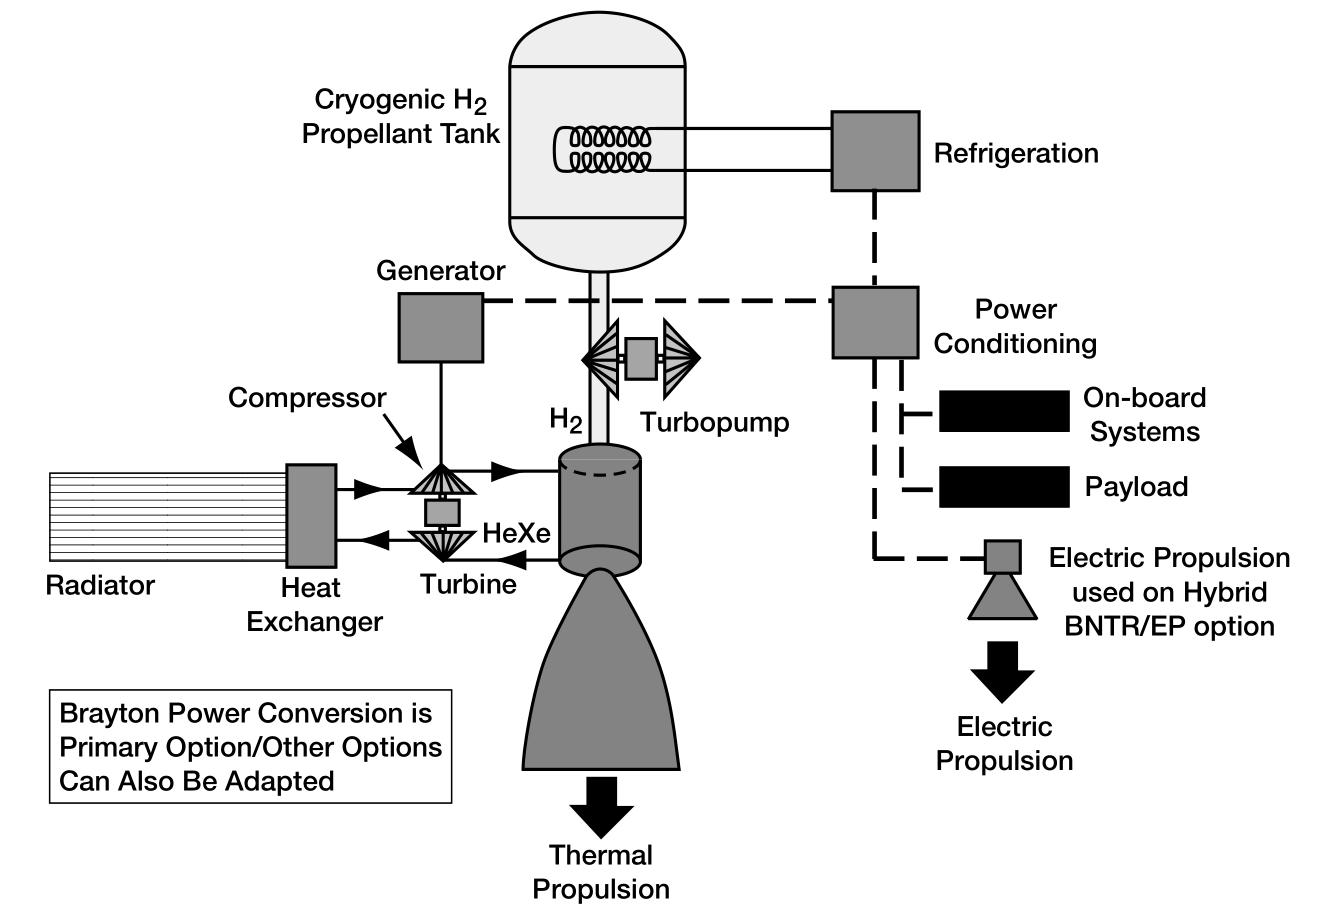 NASA nuclear rocket diagram